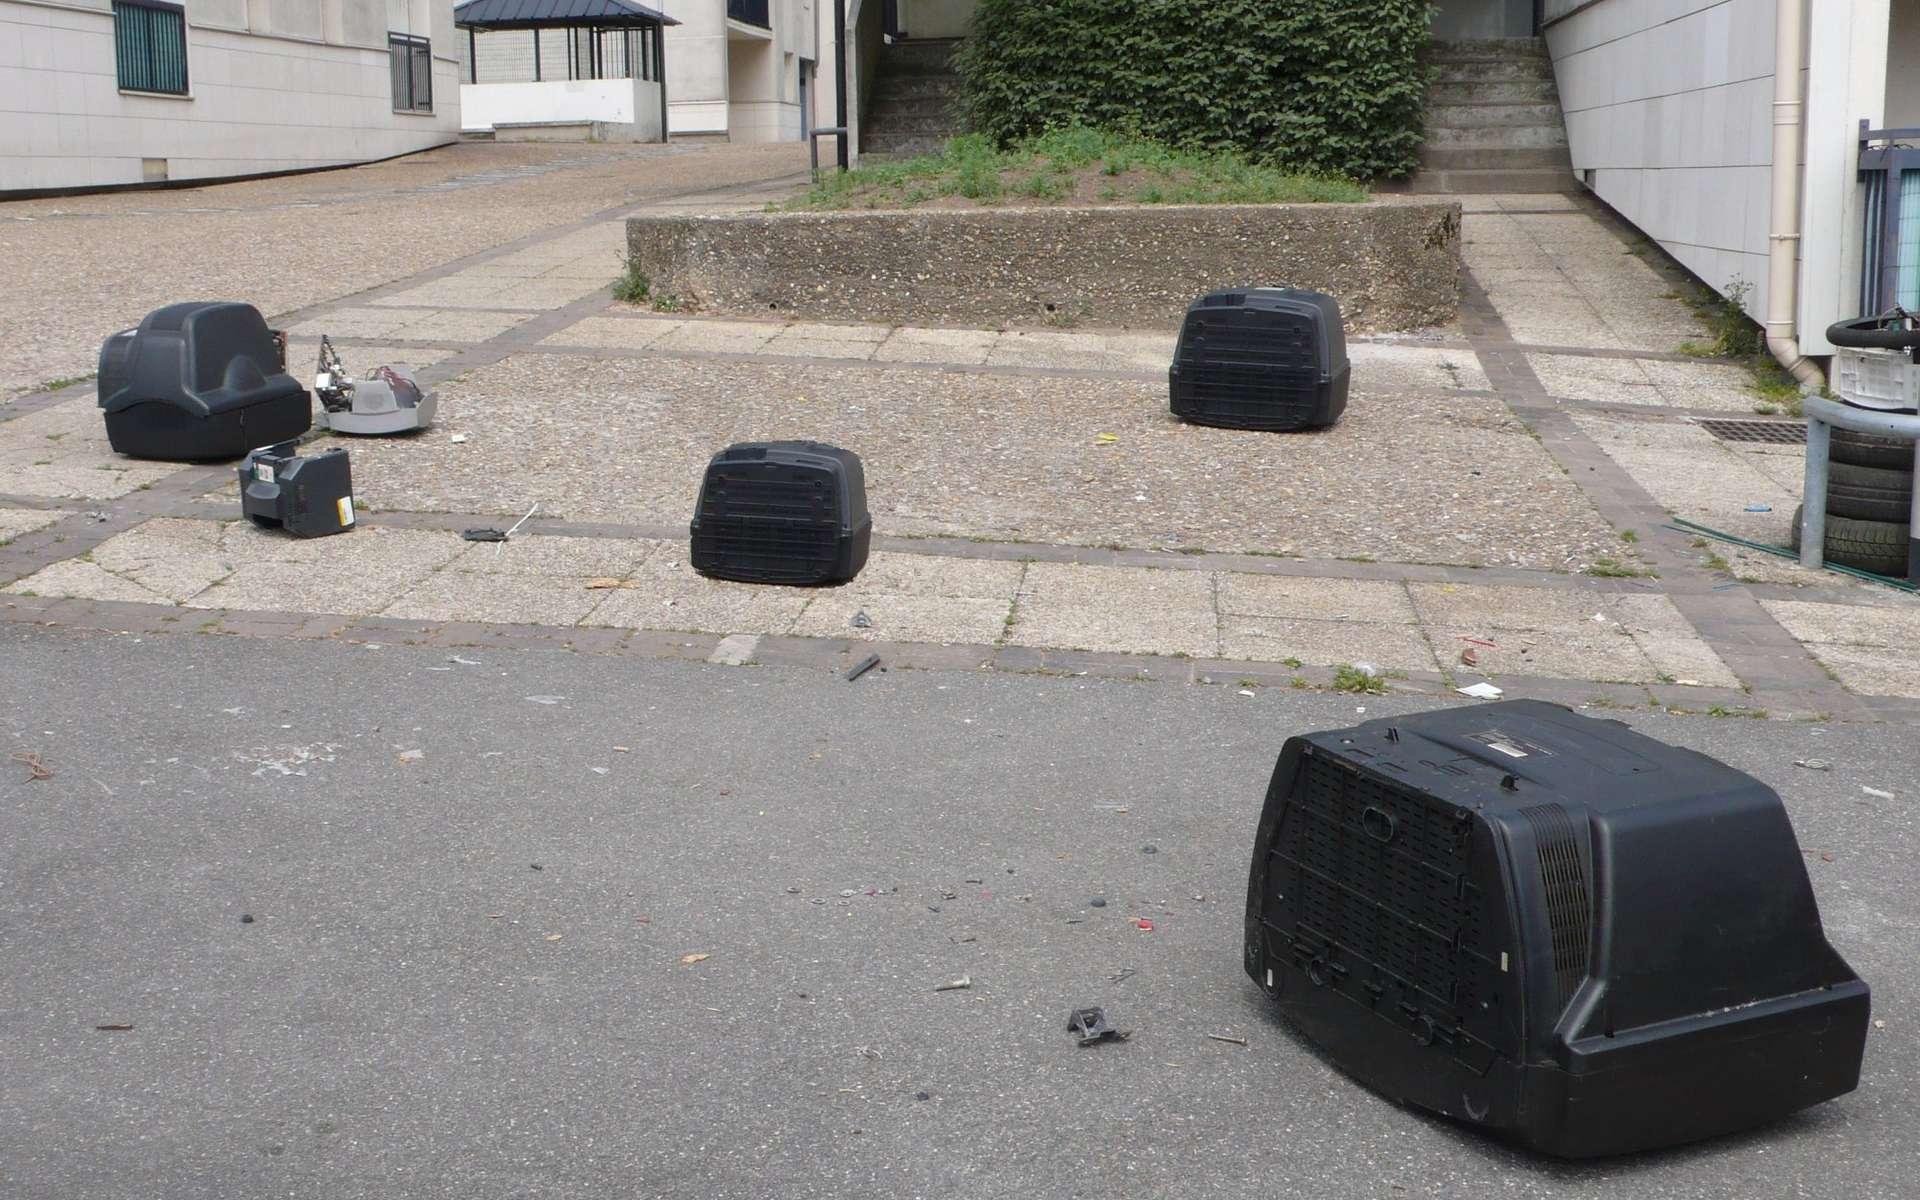 Trop souvent, les déchets électroniques jonchent les trottoirs, quand certains les ont confiés aux « encombrants » alors qu'ils ne sont plus ramassés. Une collecte au pied des immeubles sera sans doute un progrès. © Jean-Luc Goudet, Futura-Sciences